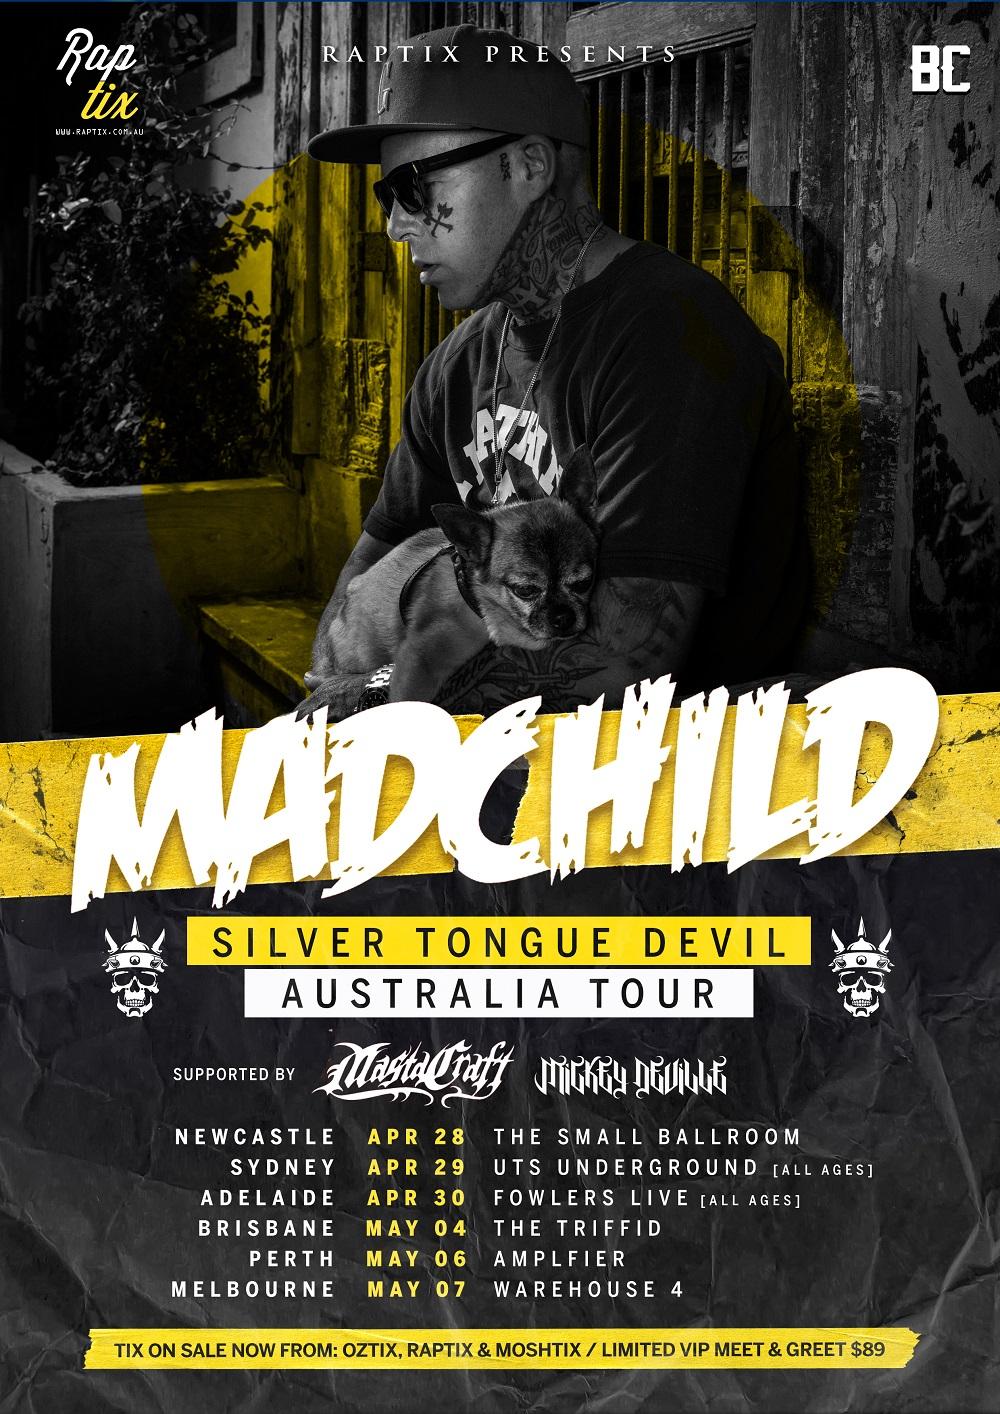 The who tour dates in Australia